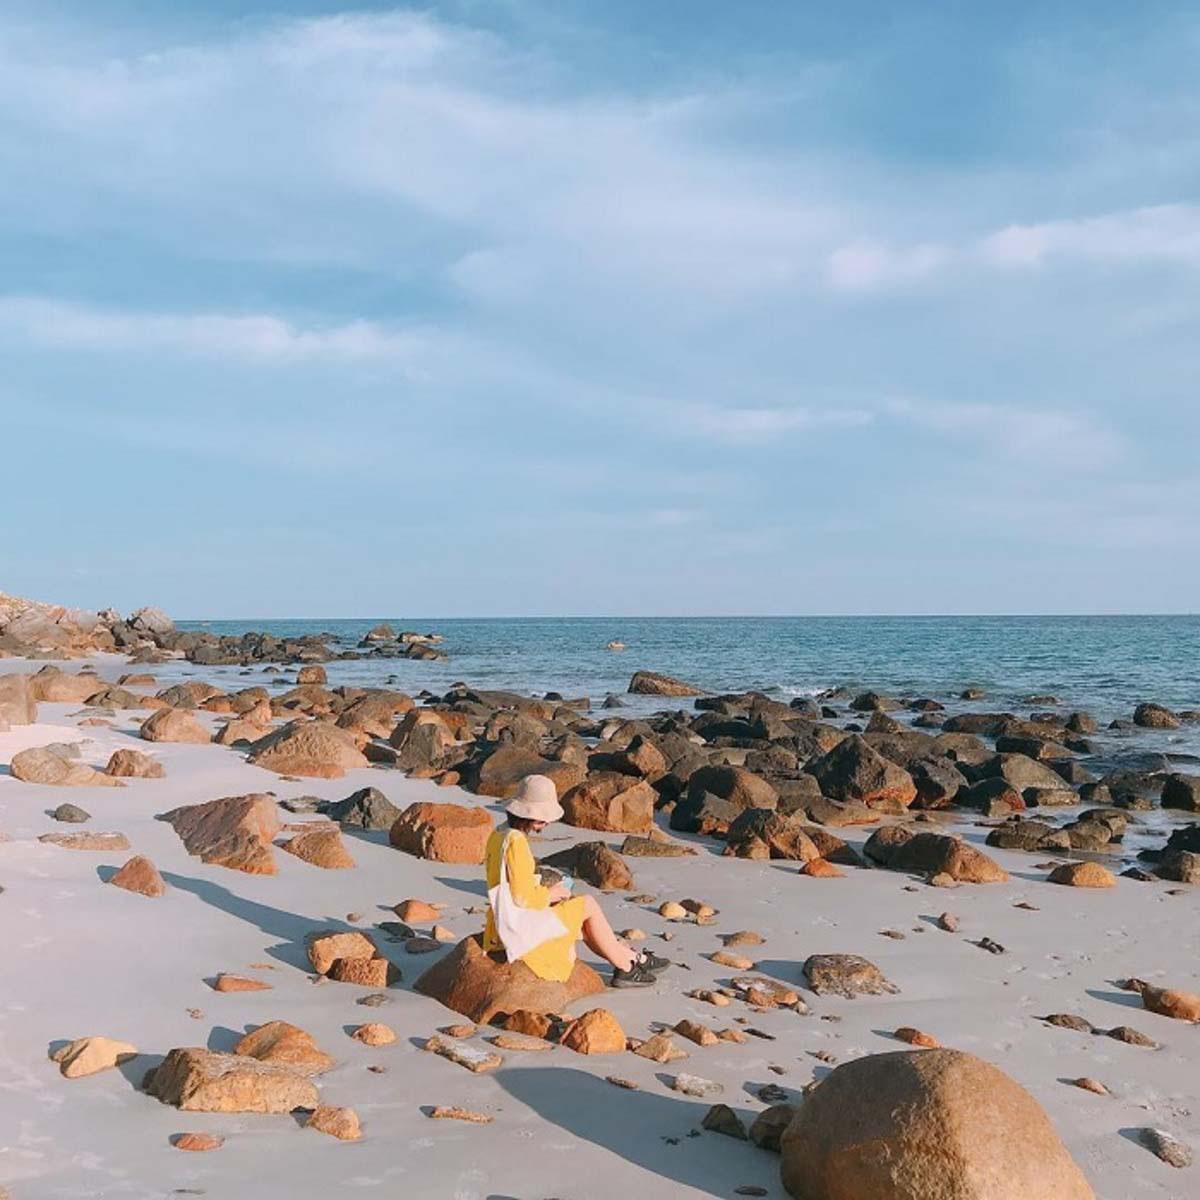 Du lịch Côn Đảo: Tất tần tật thông tin về Côn Đảo bạn không nên bỏ qua - Ảnh 4.